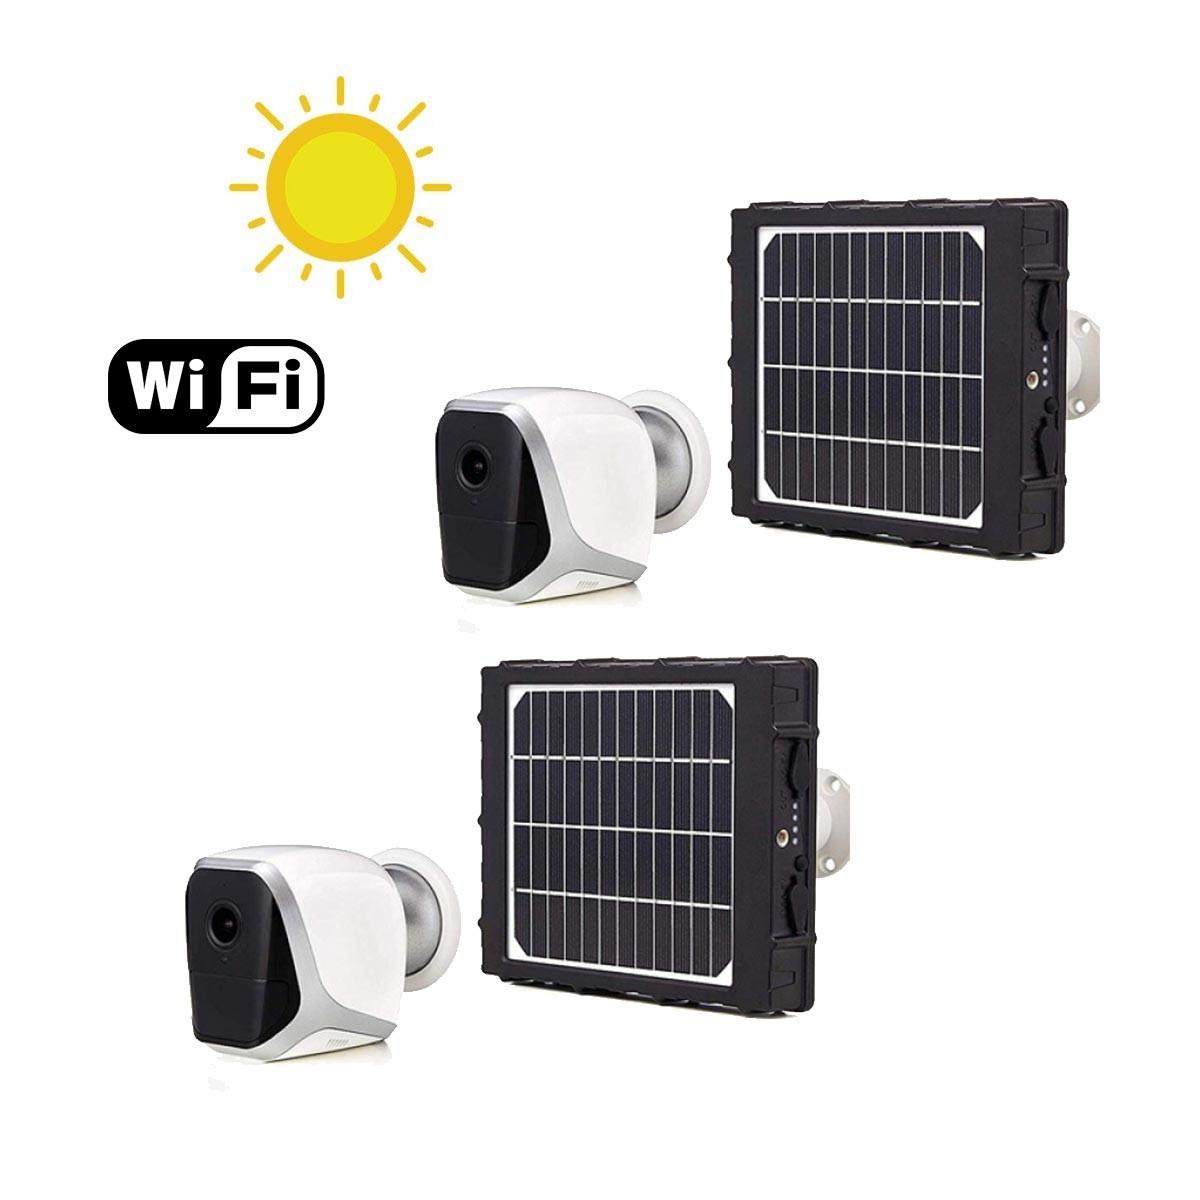 Kit de 2 Smart caméras solaires autonome WiFi HD 1080P